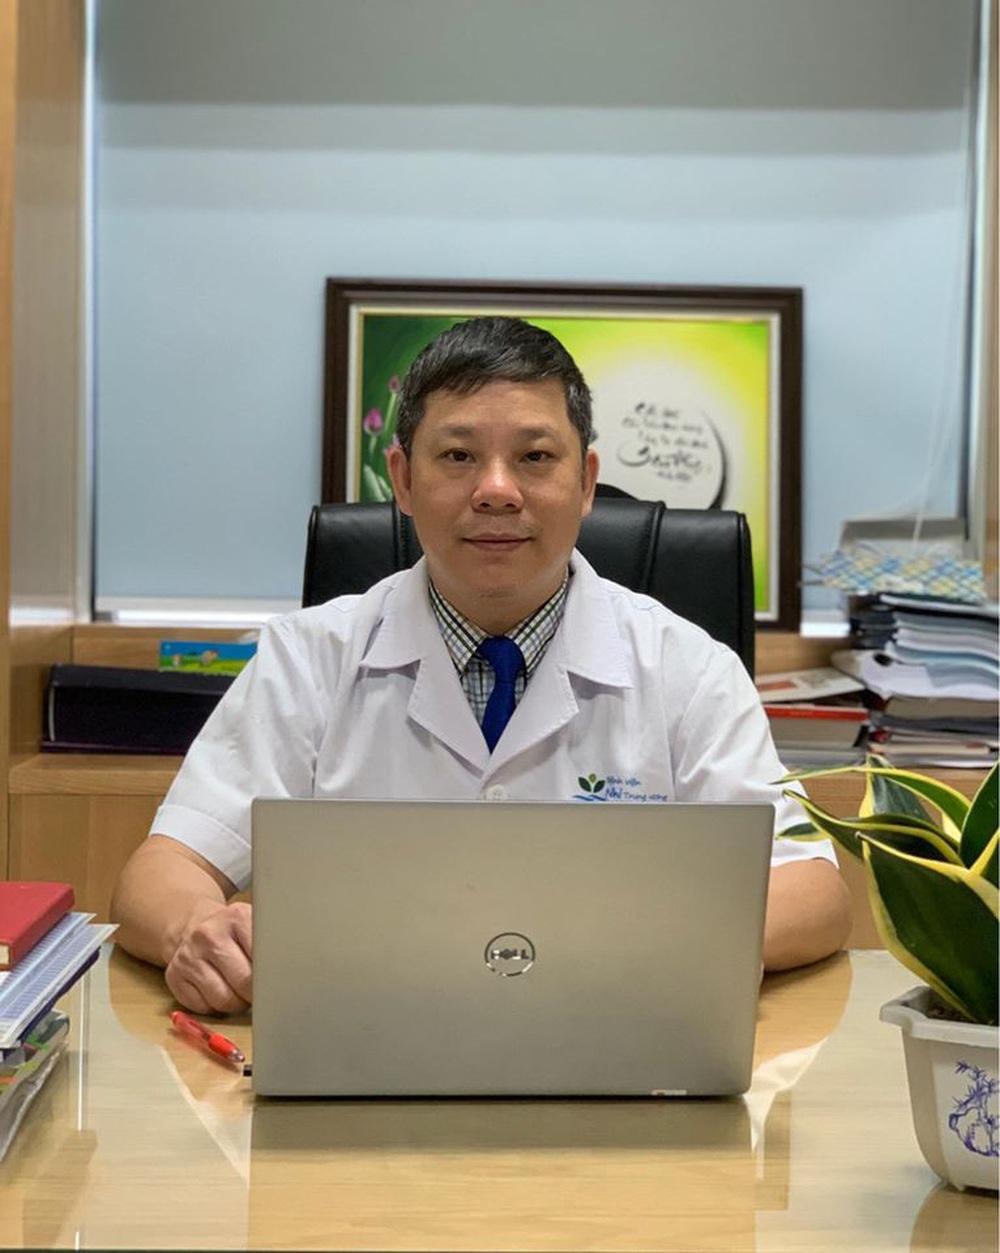 Giữa tâm dịch Covid-19 bác sĩ đưa ra 3 kịch bản cho du học sinh vùng dịch - Ảnh 3.